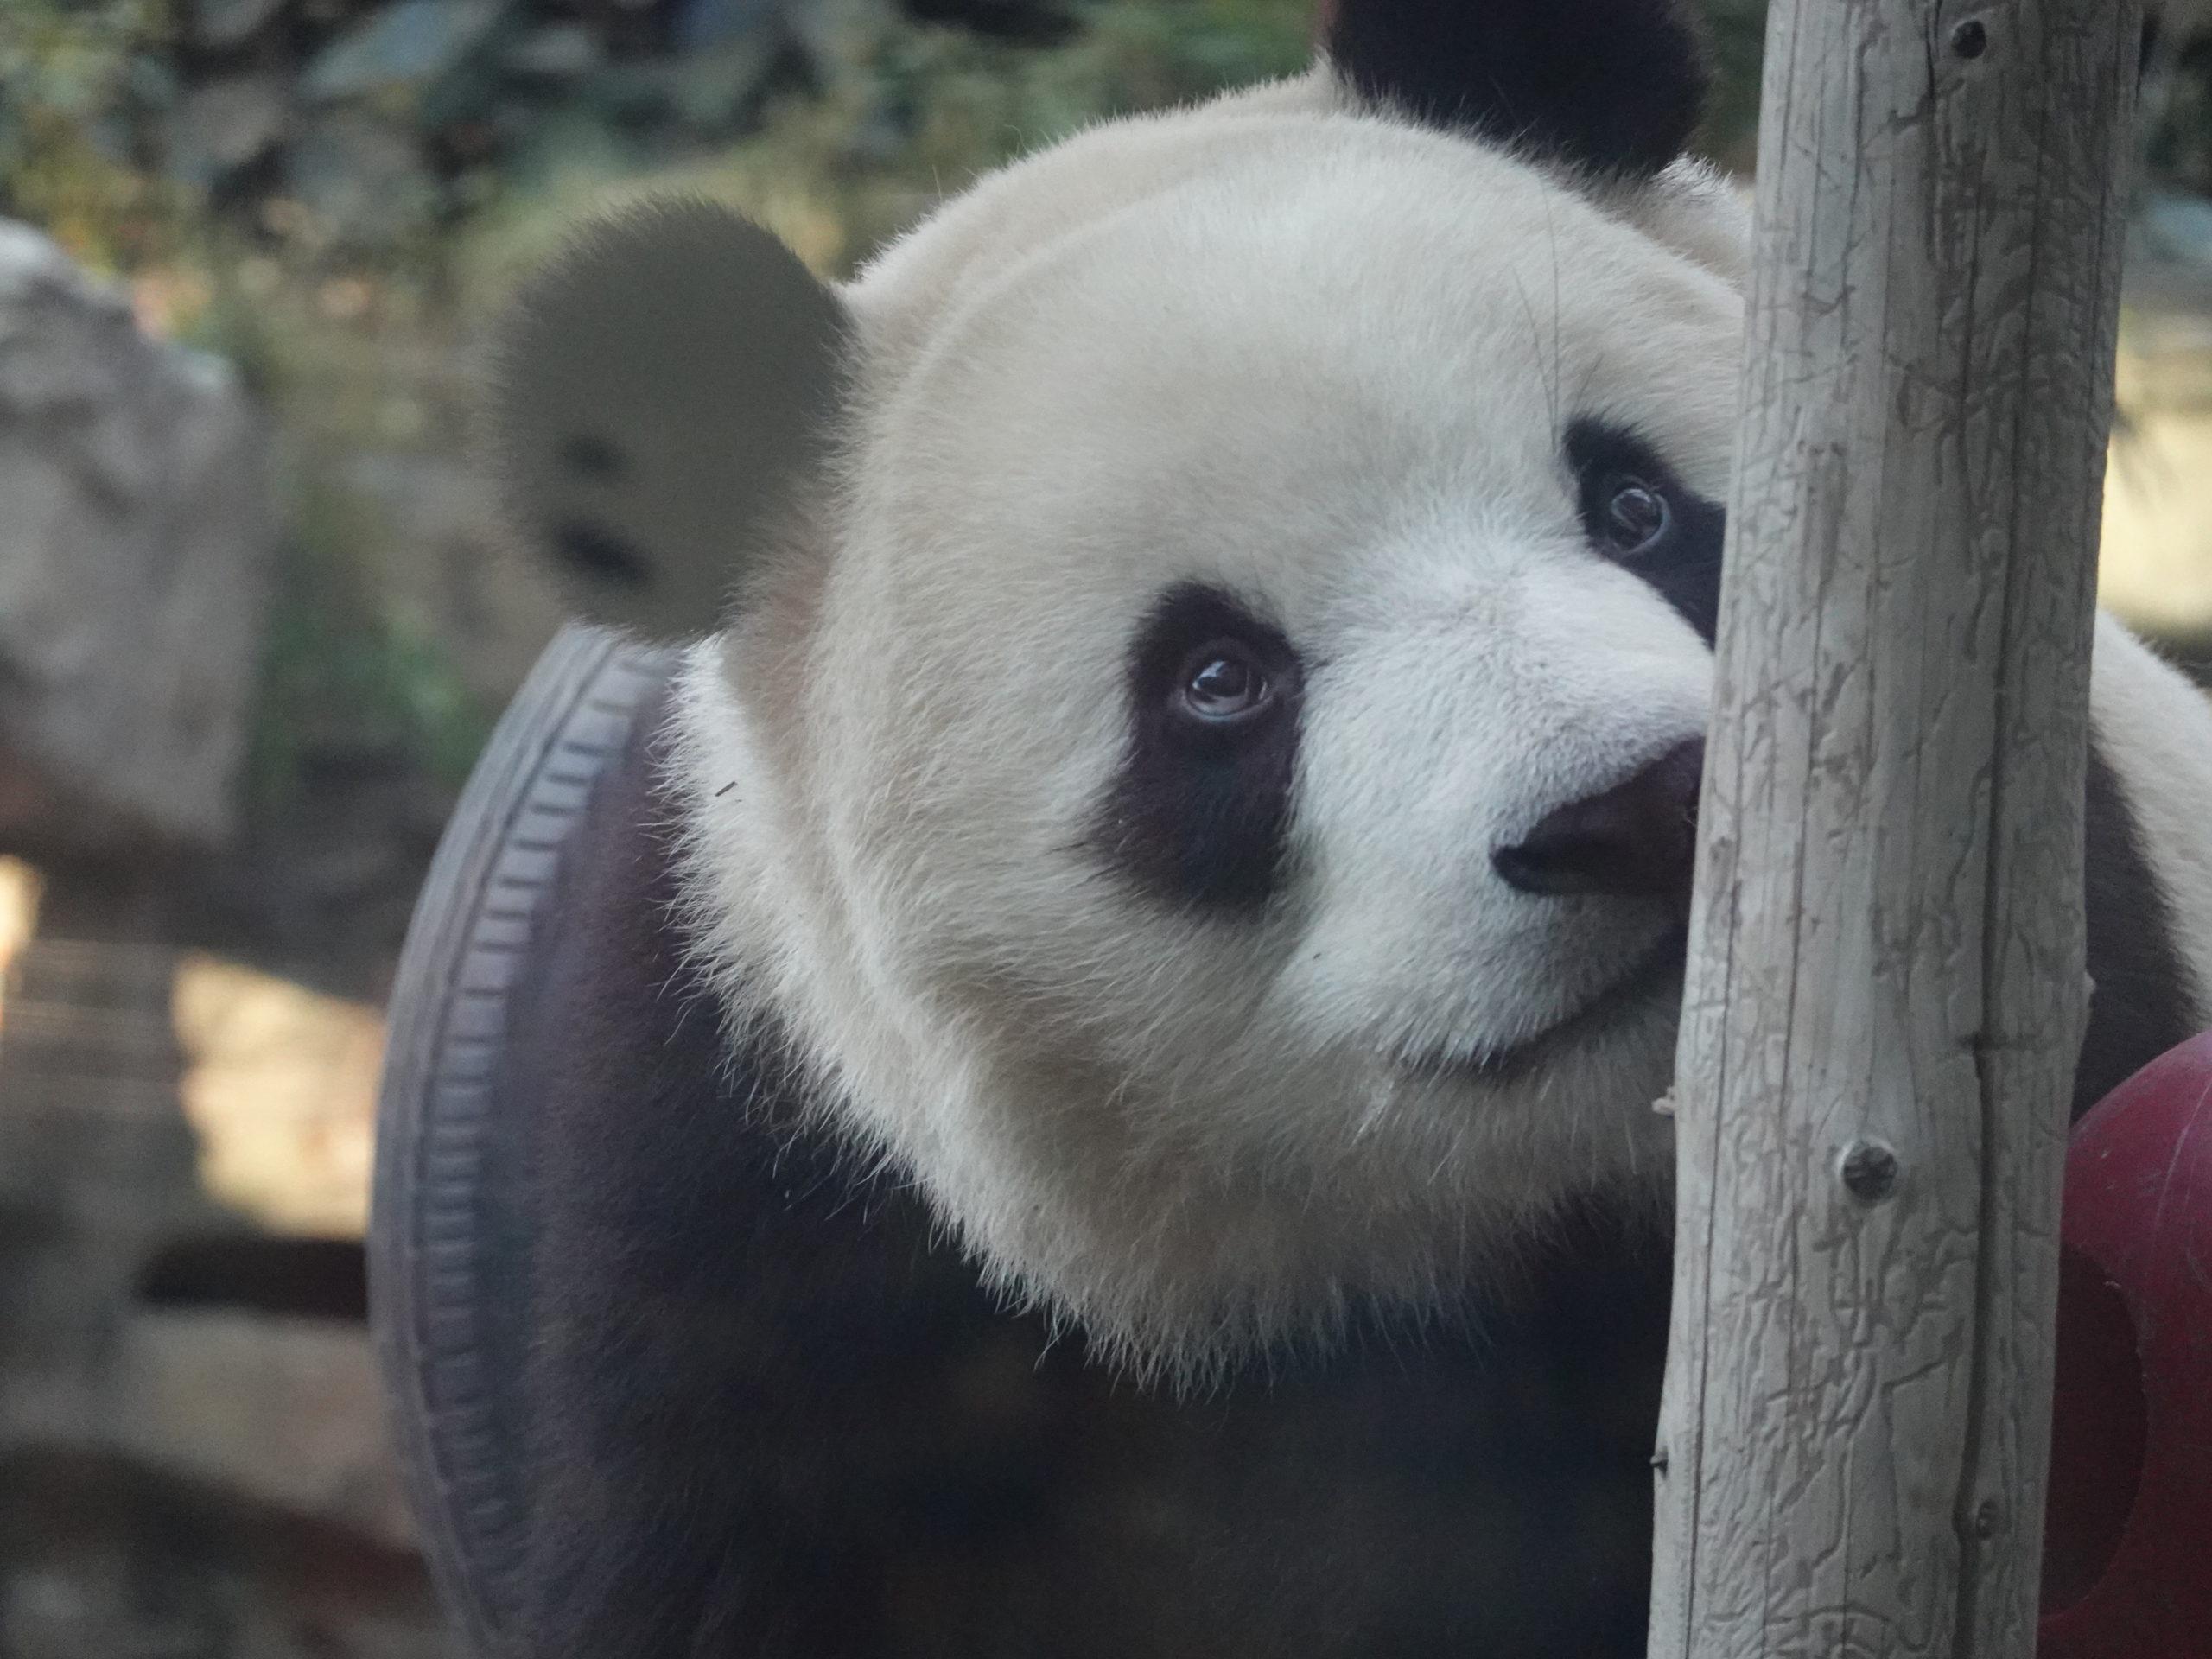 【トラピックスリピーターによるレビュ―】北京・天津4泊5日観光に行ってきたので魅力・注意点をご紹介!!